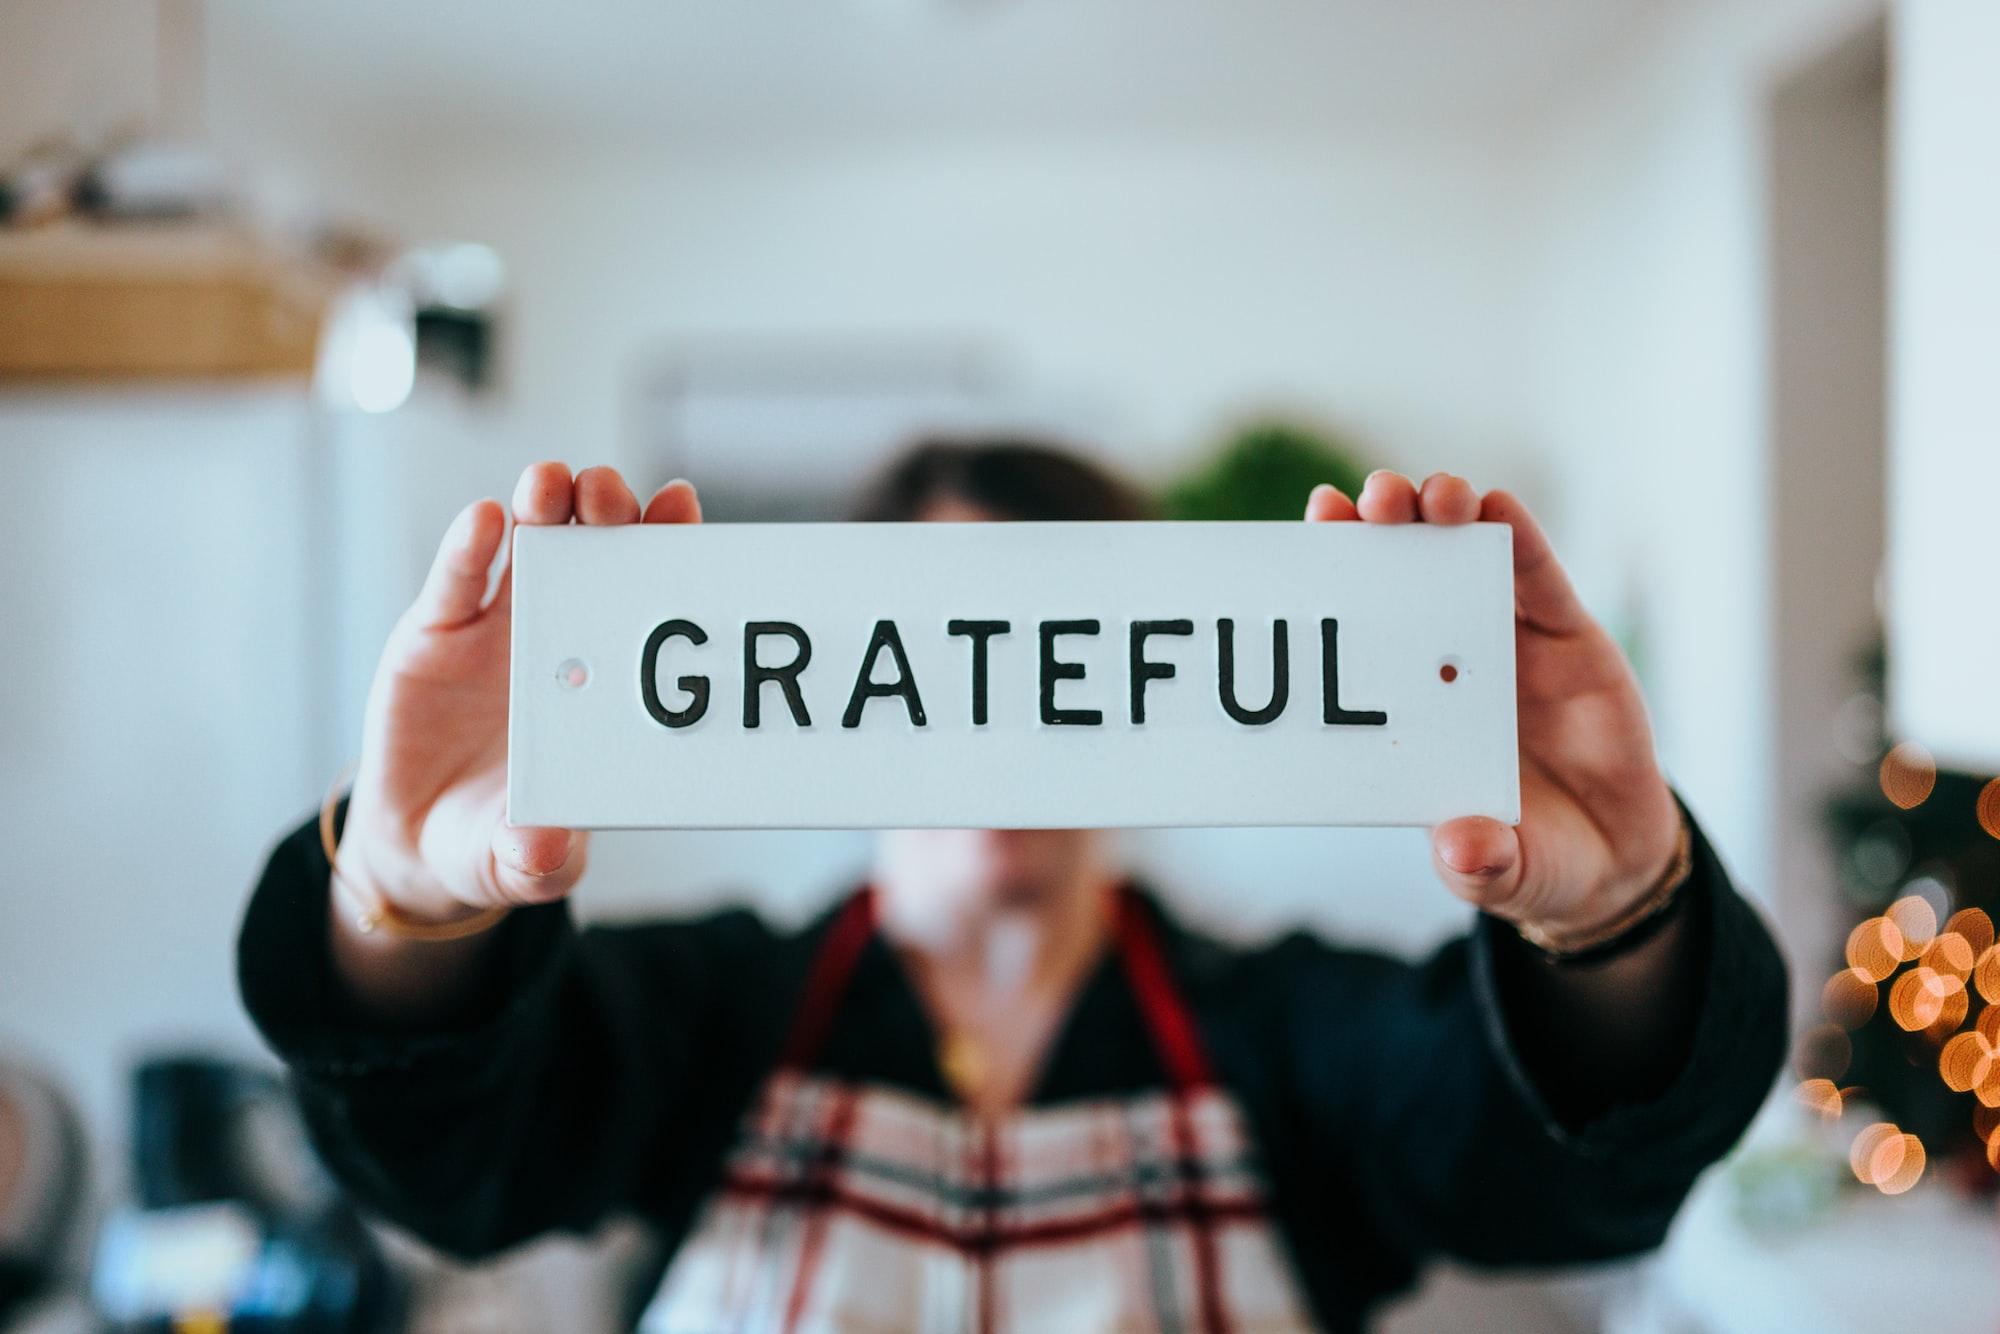 Regalare una bomboniera per matrimonio classica per esprimere il sentimento della gratitudine